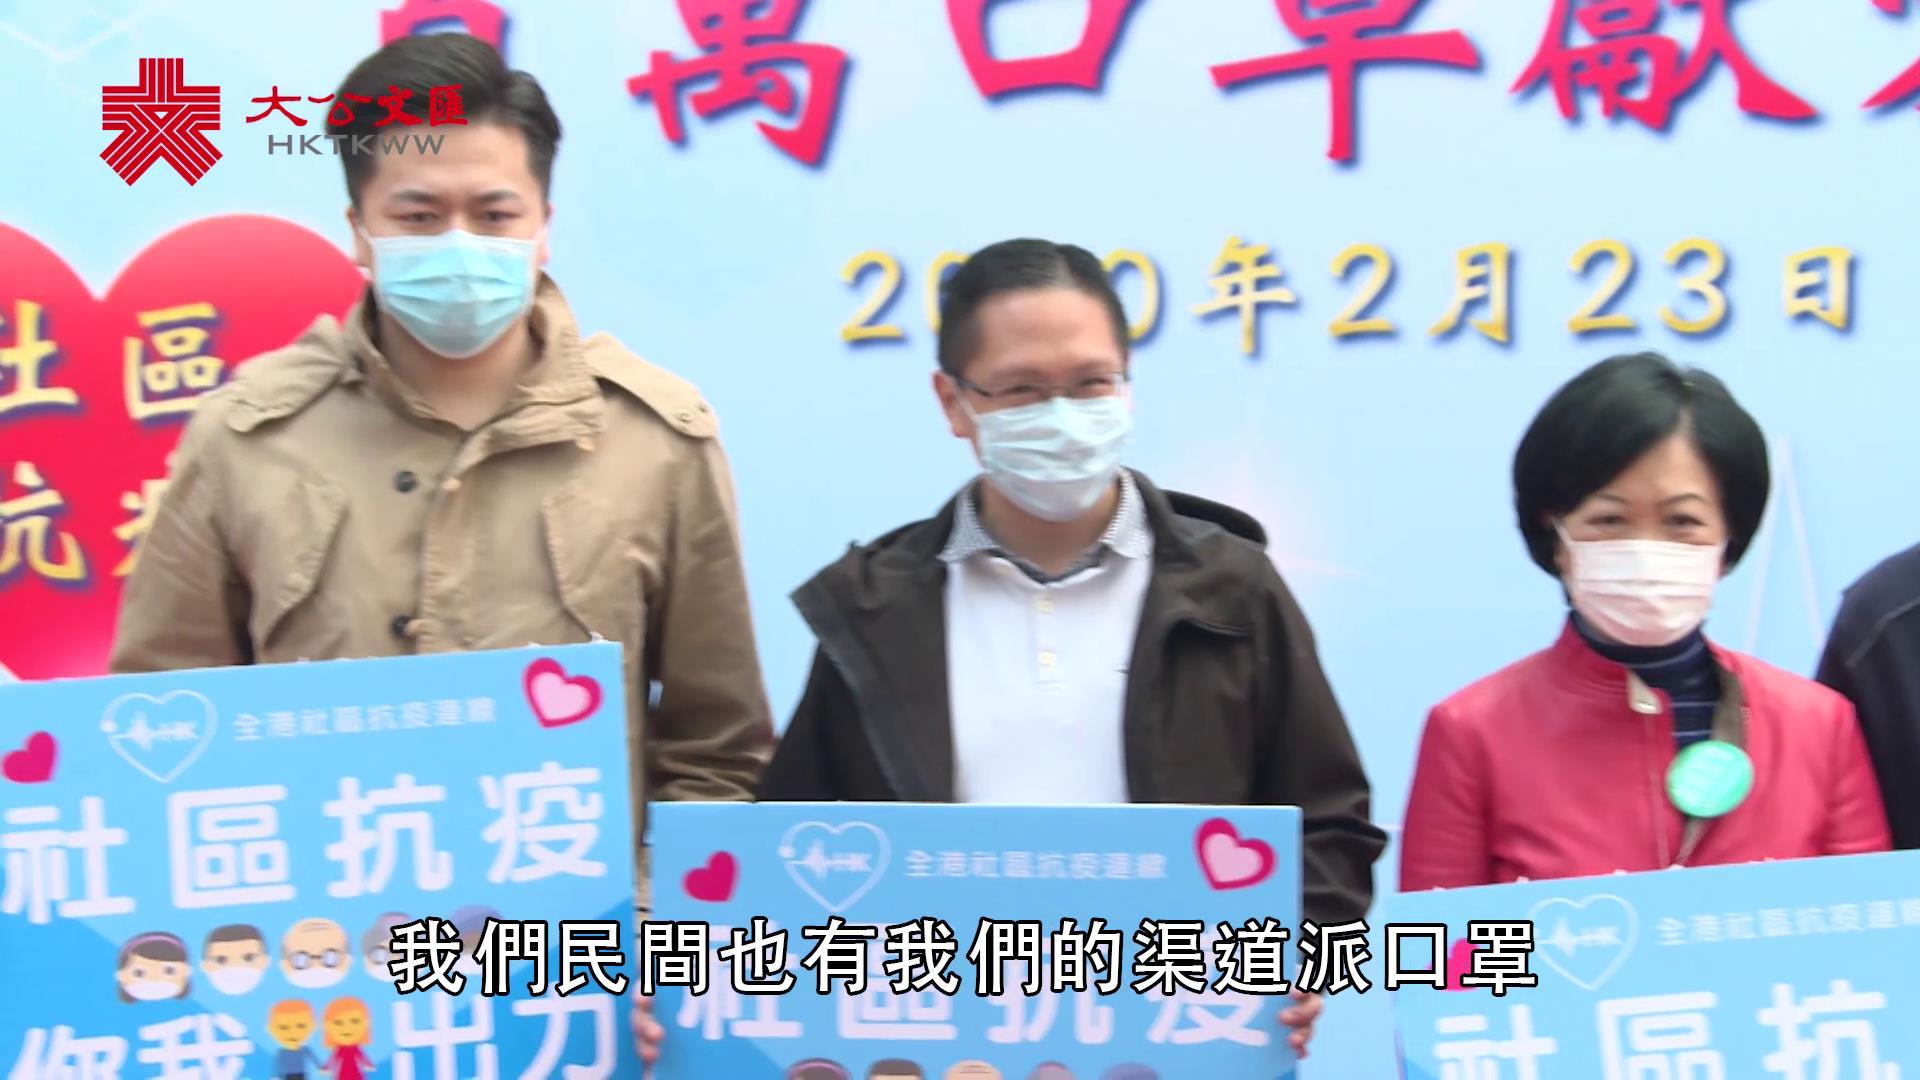 陳振彬�G冀市民能以合理價格買到口罩